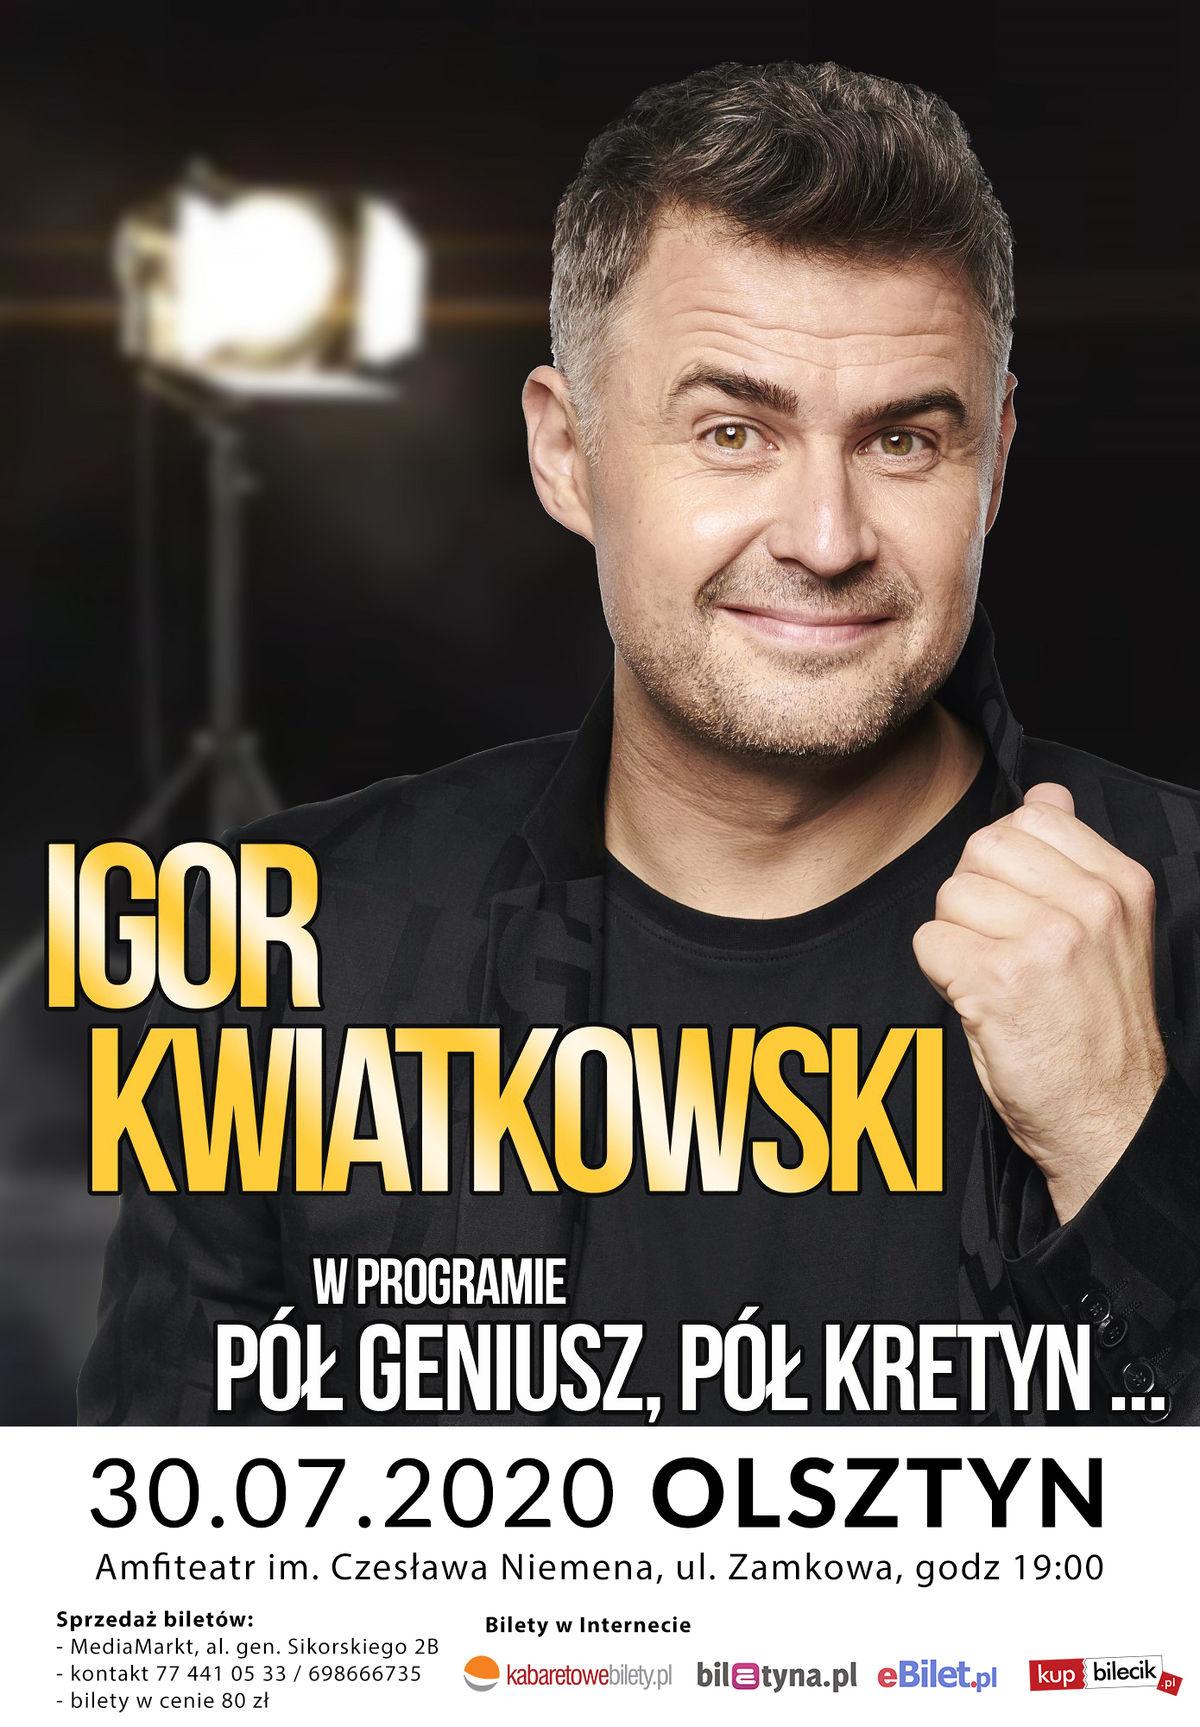 IGOR KWIATKOWSKI - Pół geniusz pół kretyn - full image